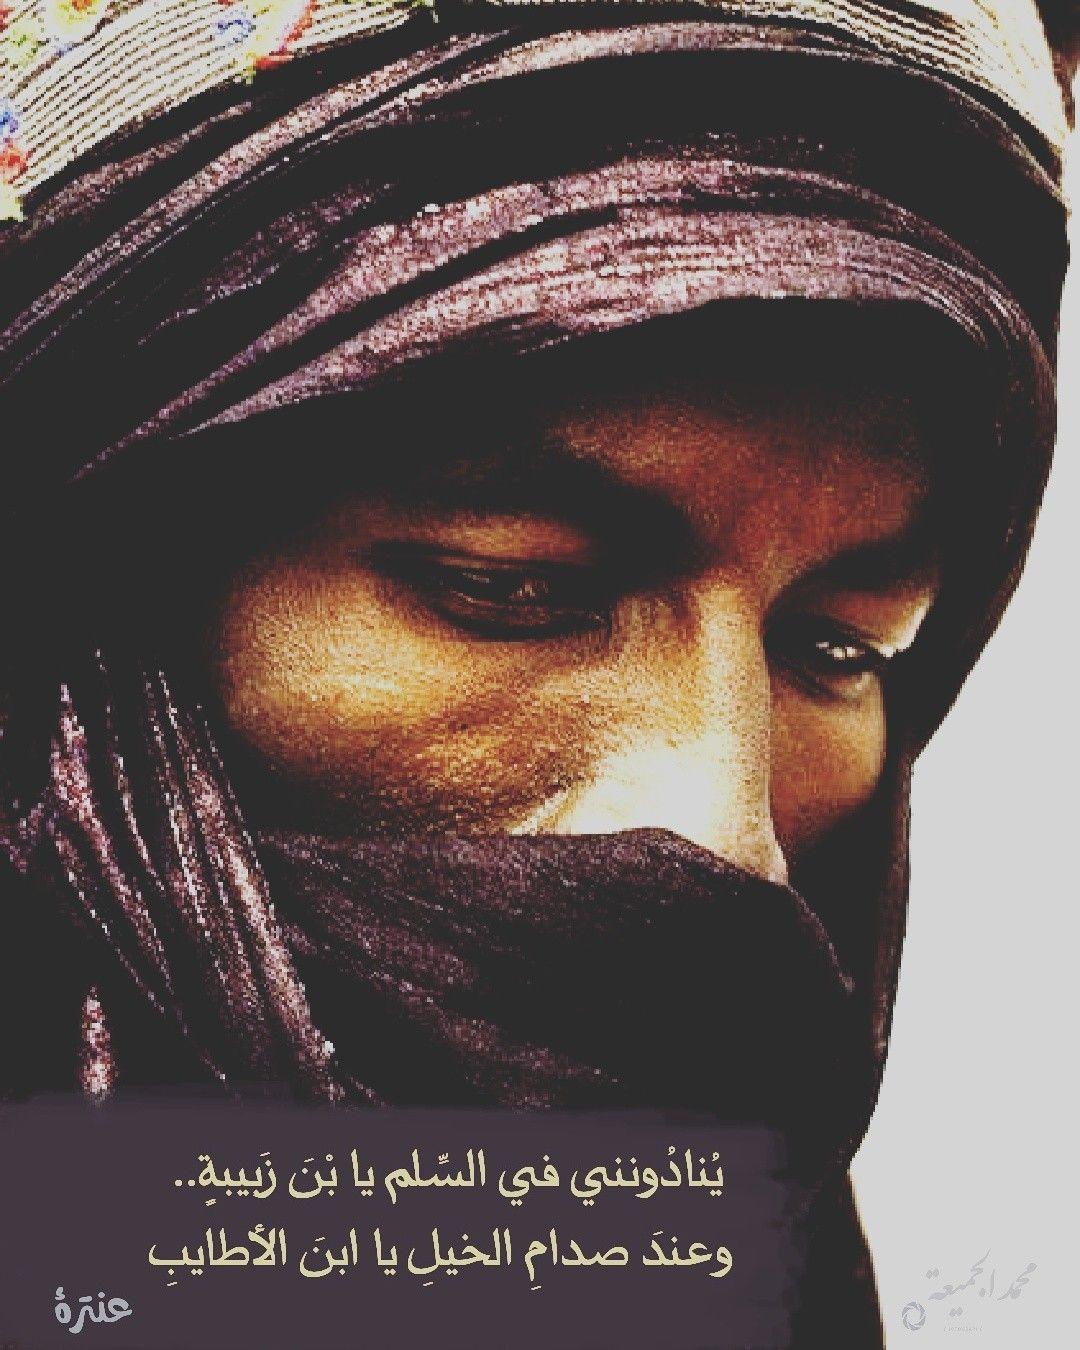 عنترة بن شداد تصميمي محمد الجميعة Poster Movie Posters Arabic Quotes